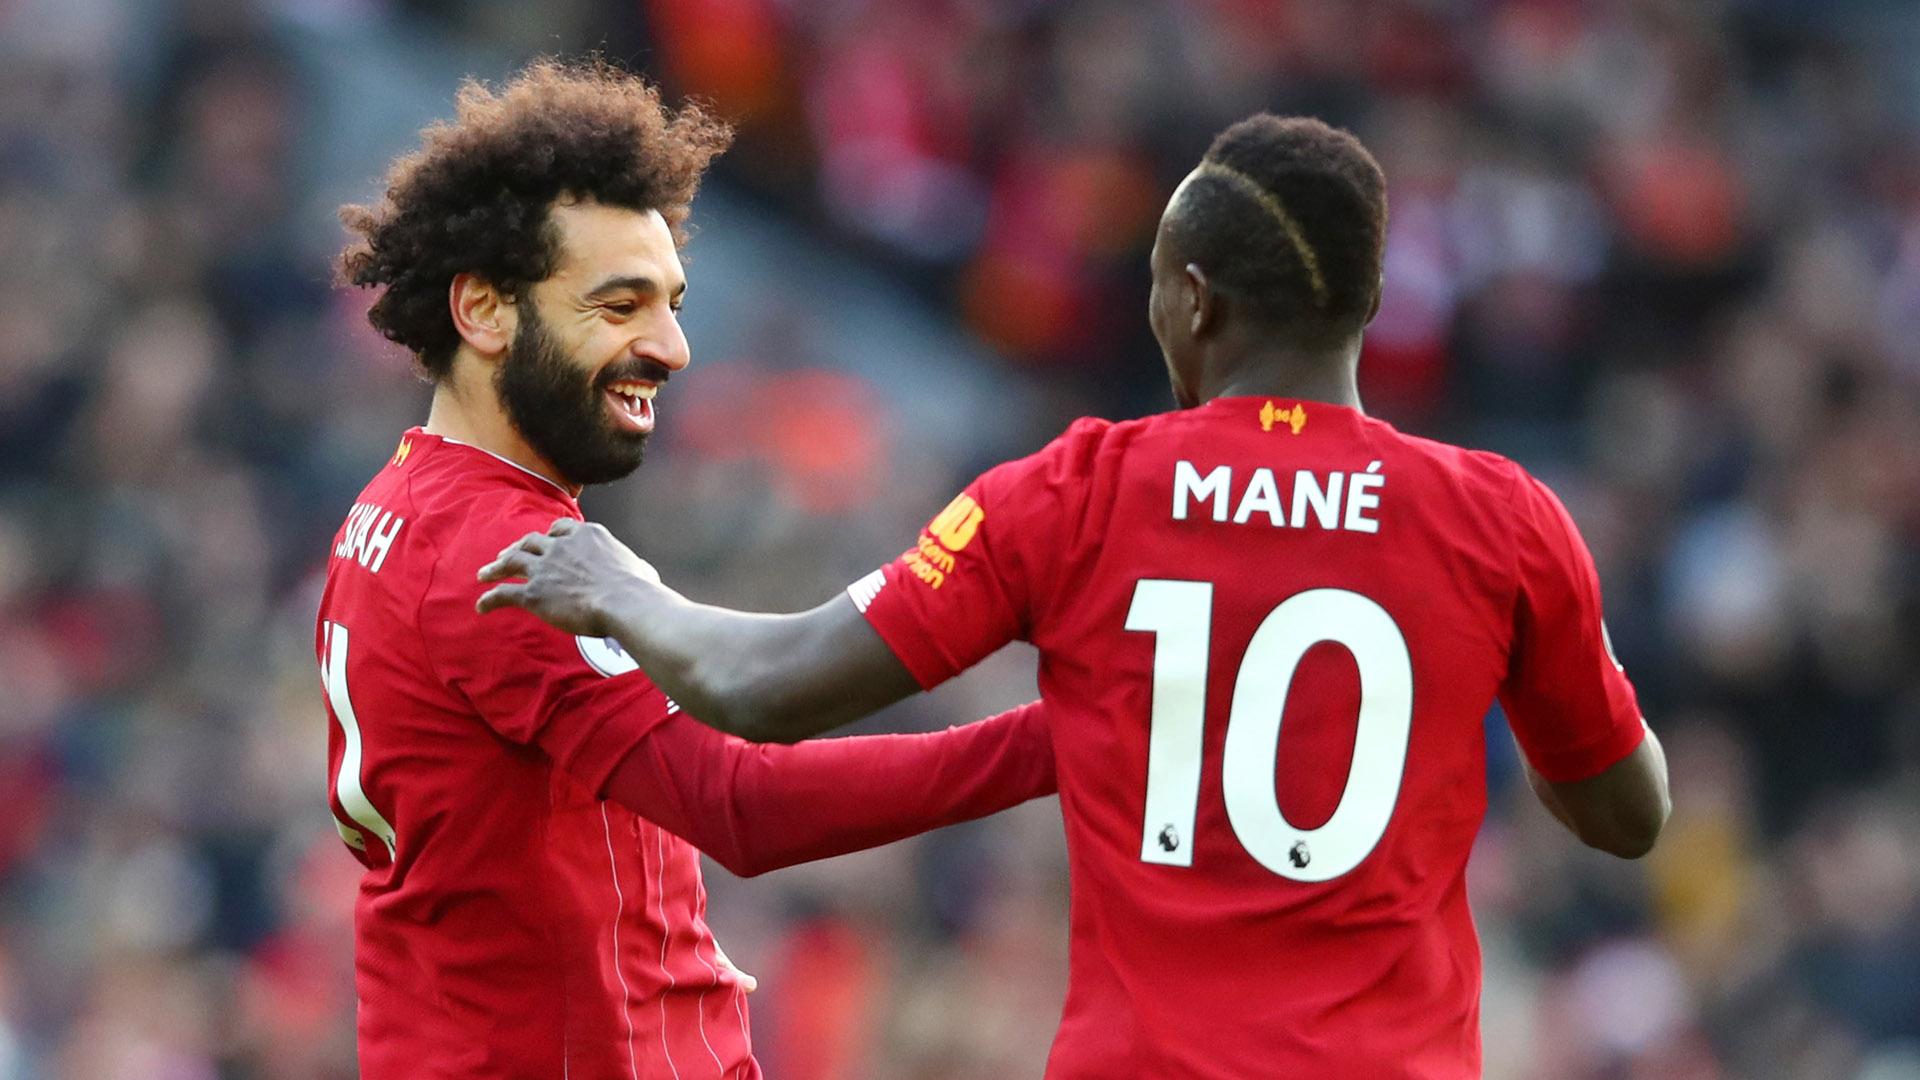 Image result for Mane-Salah Liverpool